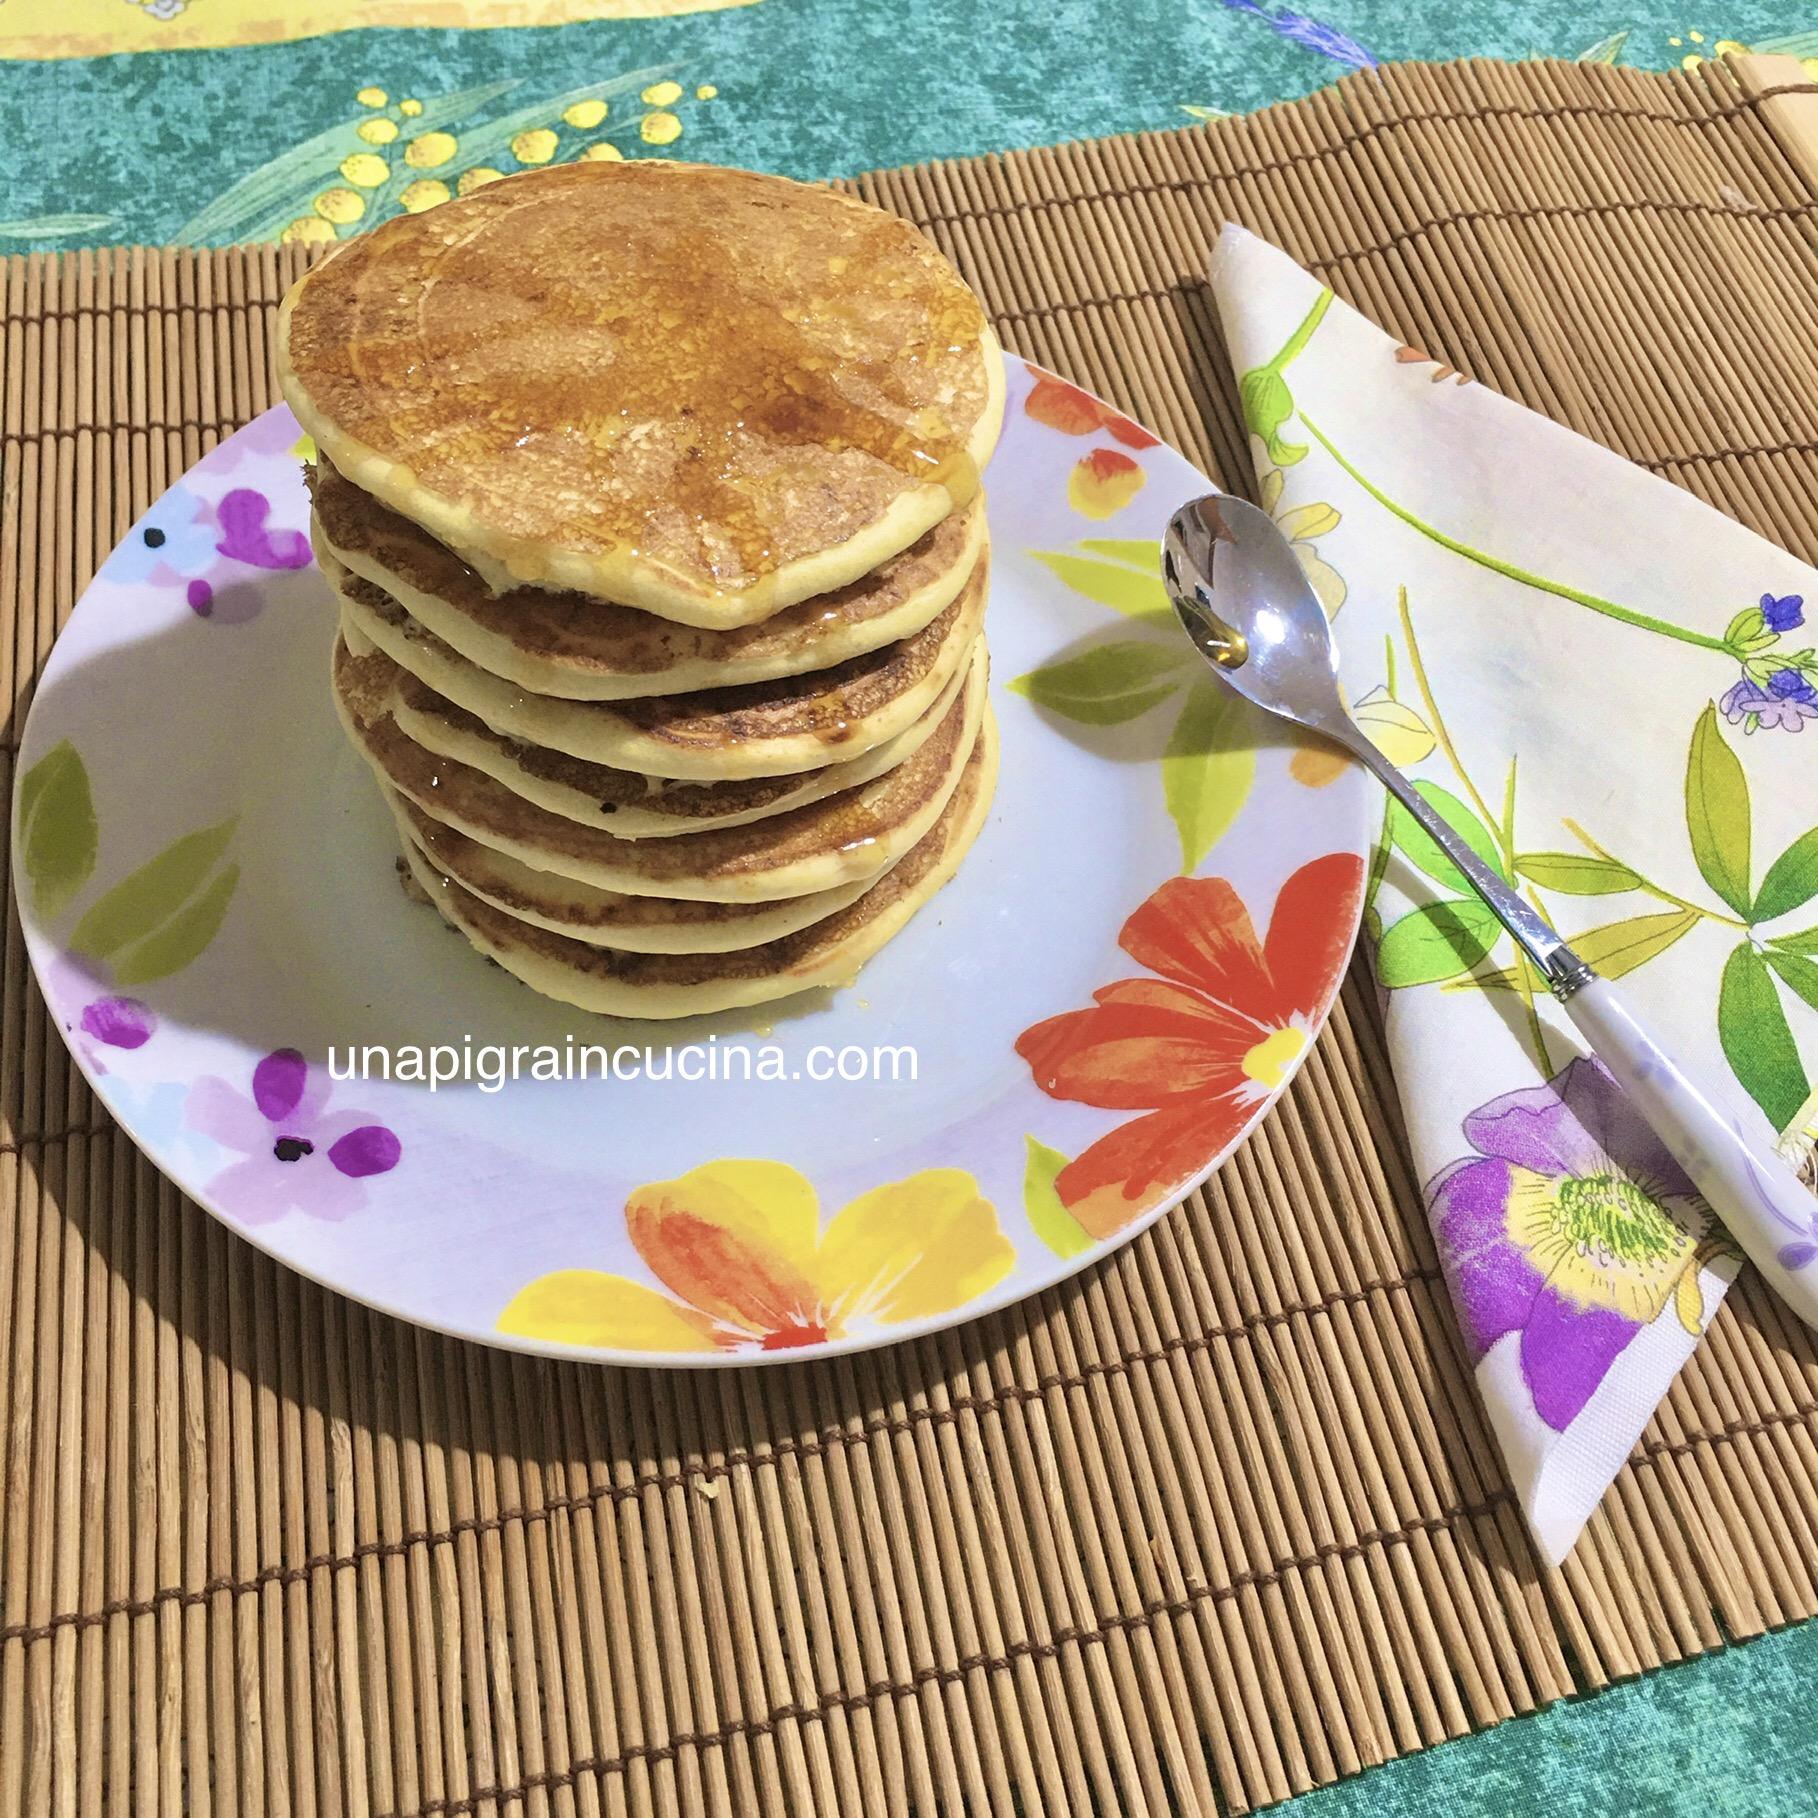 Ricetta Pancake Americani Giallo Zafferano.Pancakes Light Senza Burro E Olio Una Pigra In Cucina